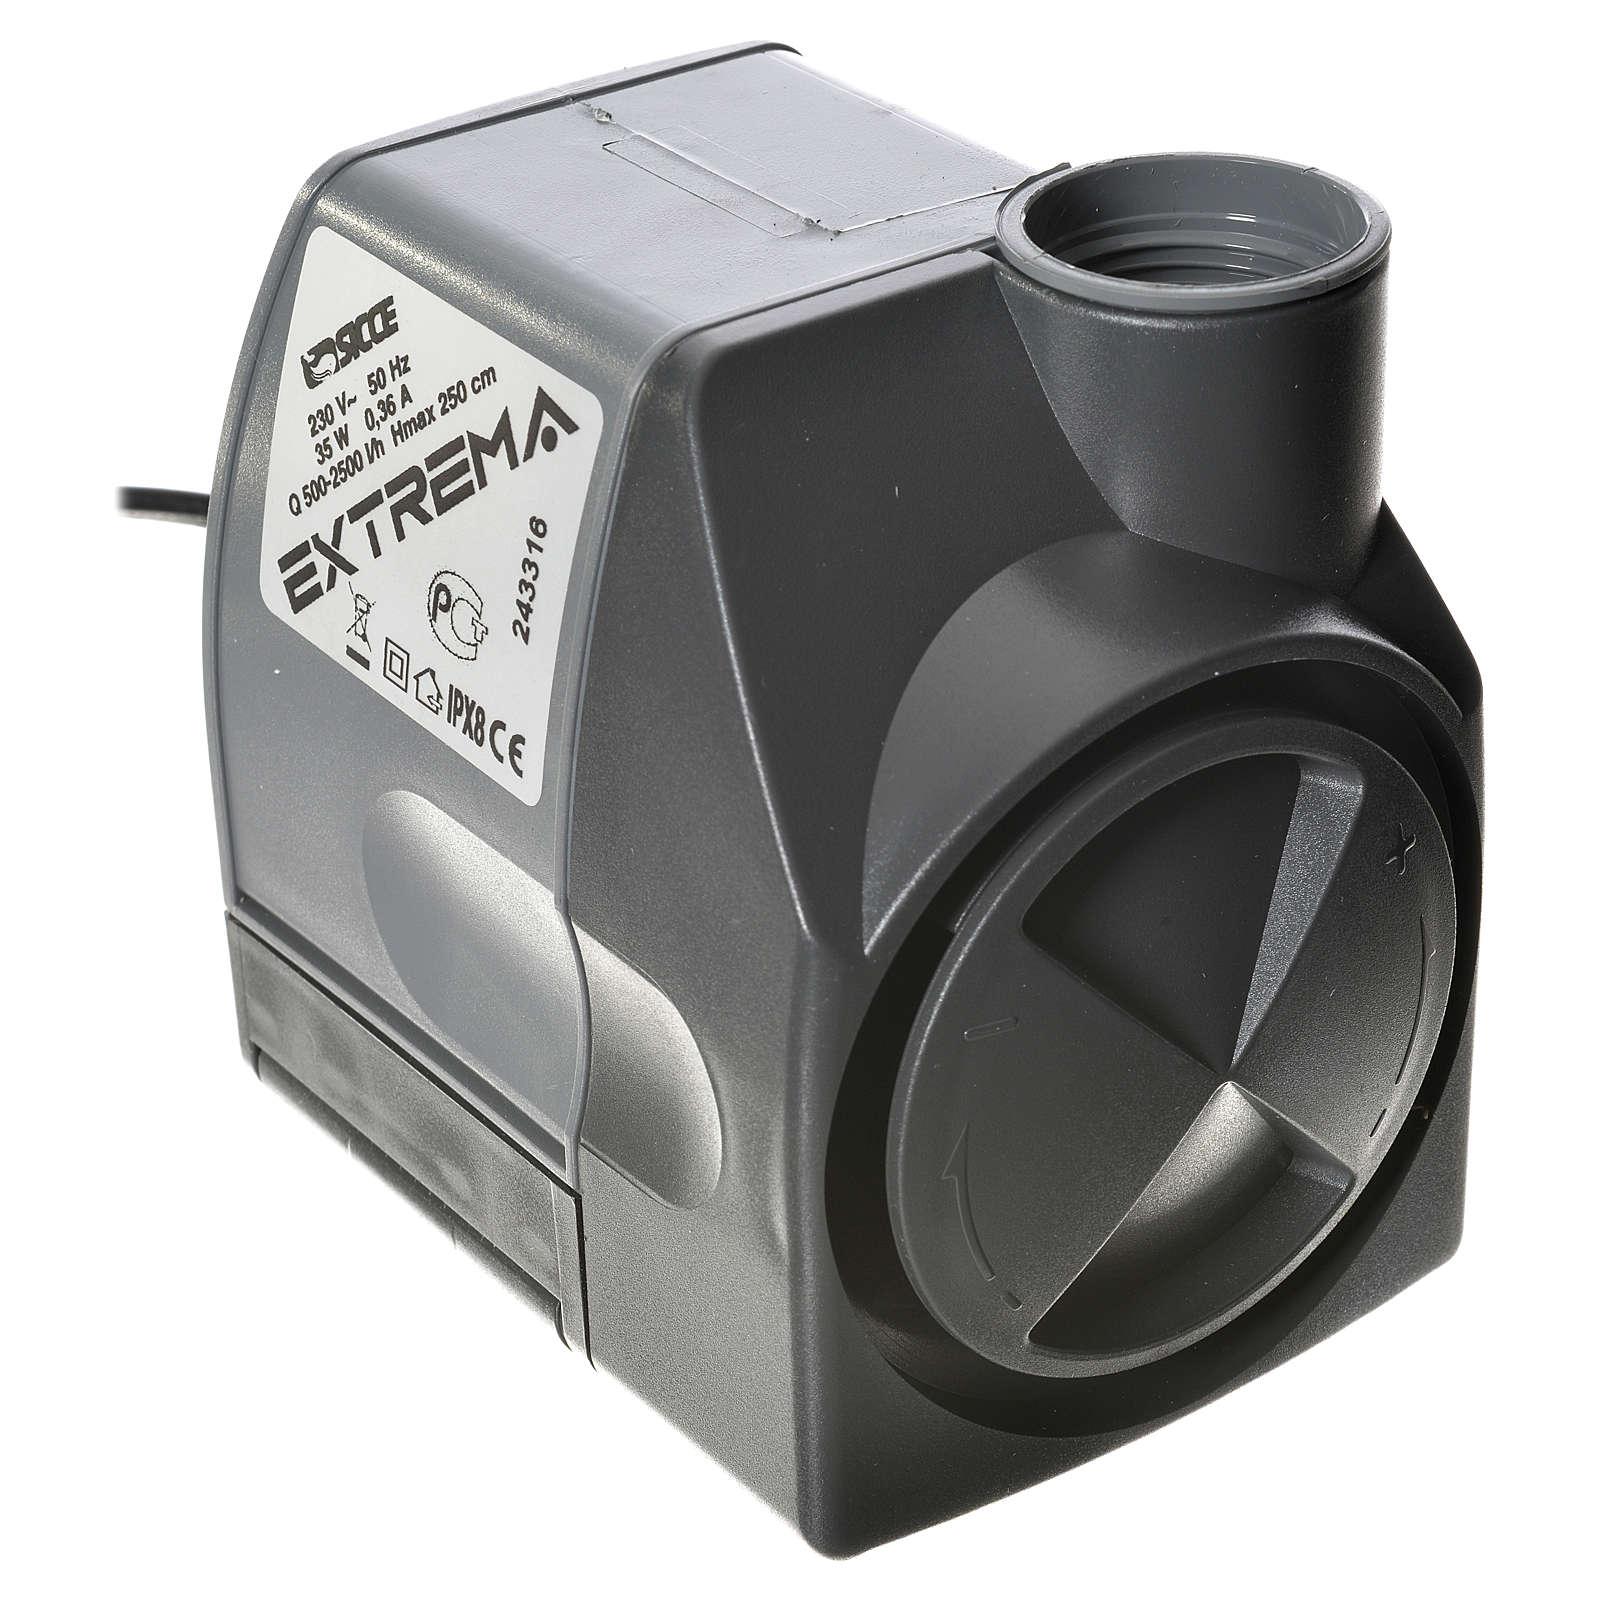 Bomba água presépio EXTREMA 500-2500 l/h 35W 4